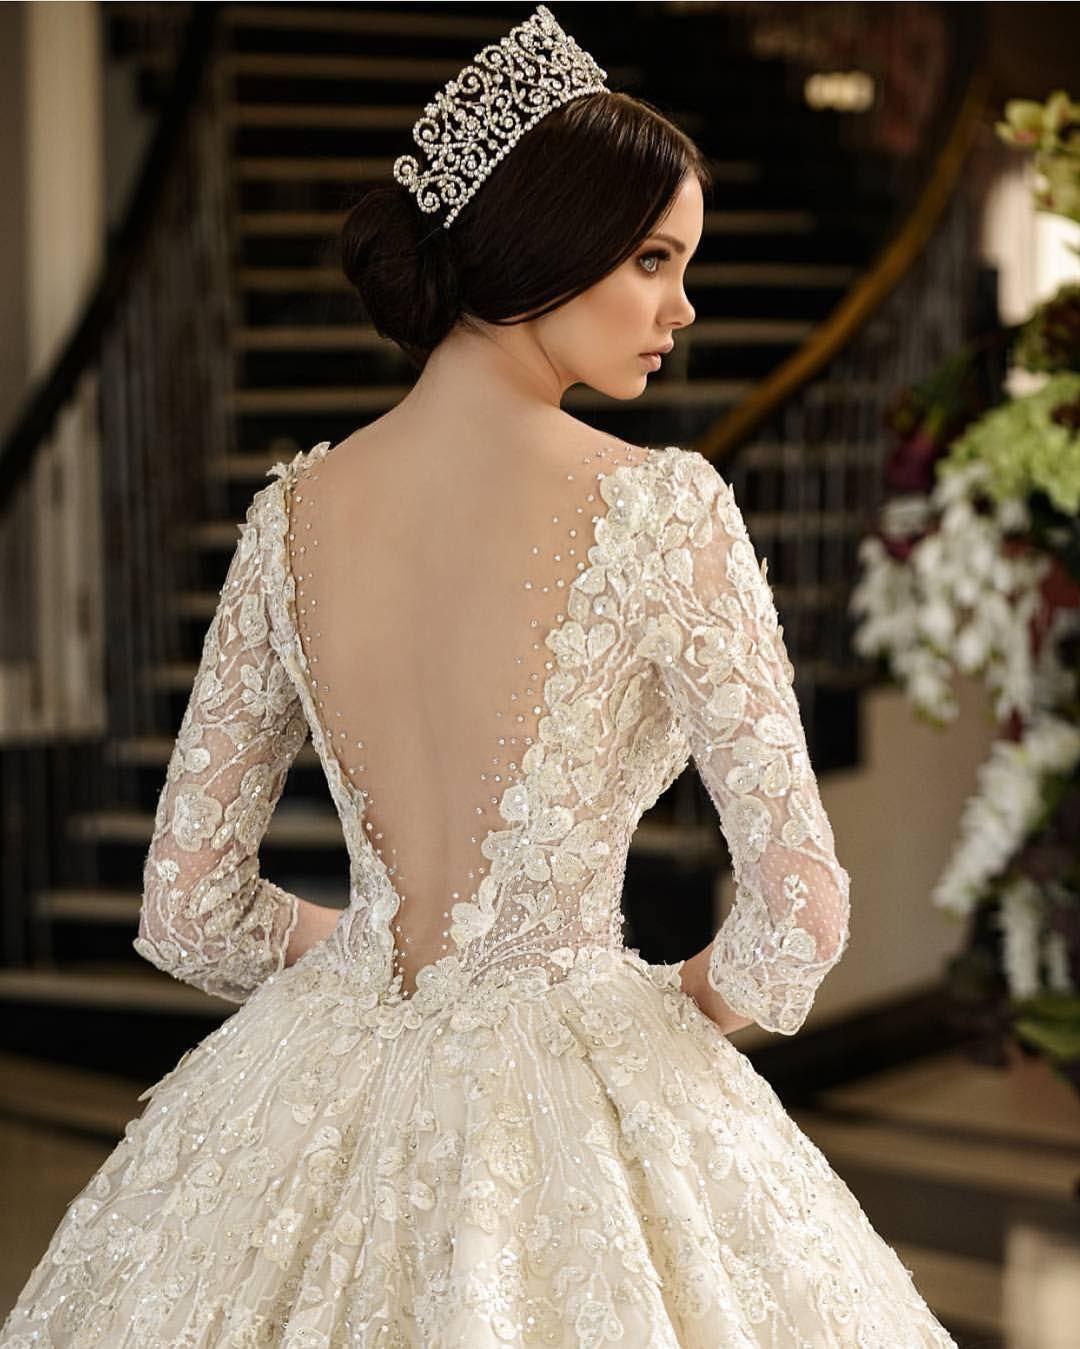 Vestidos de boda espectaculares